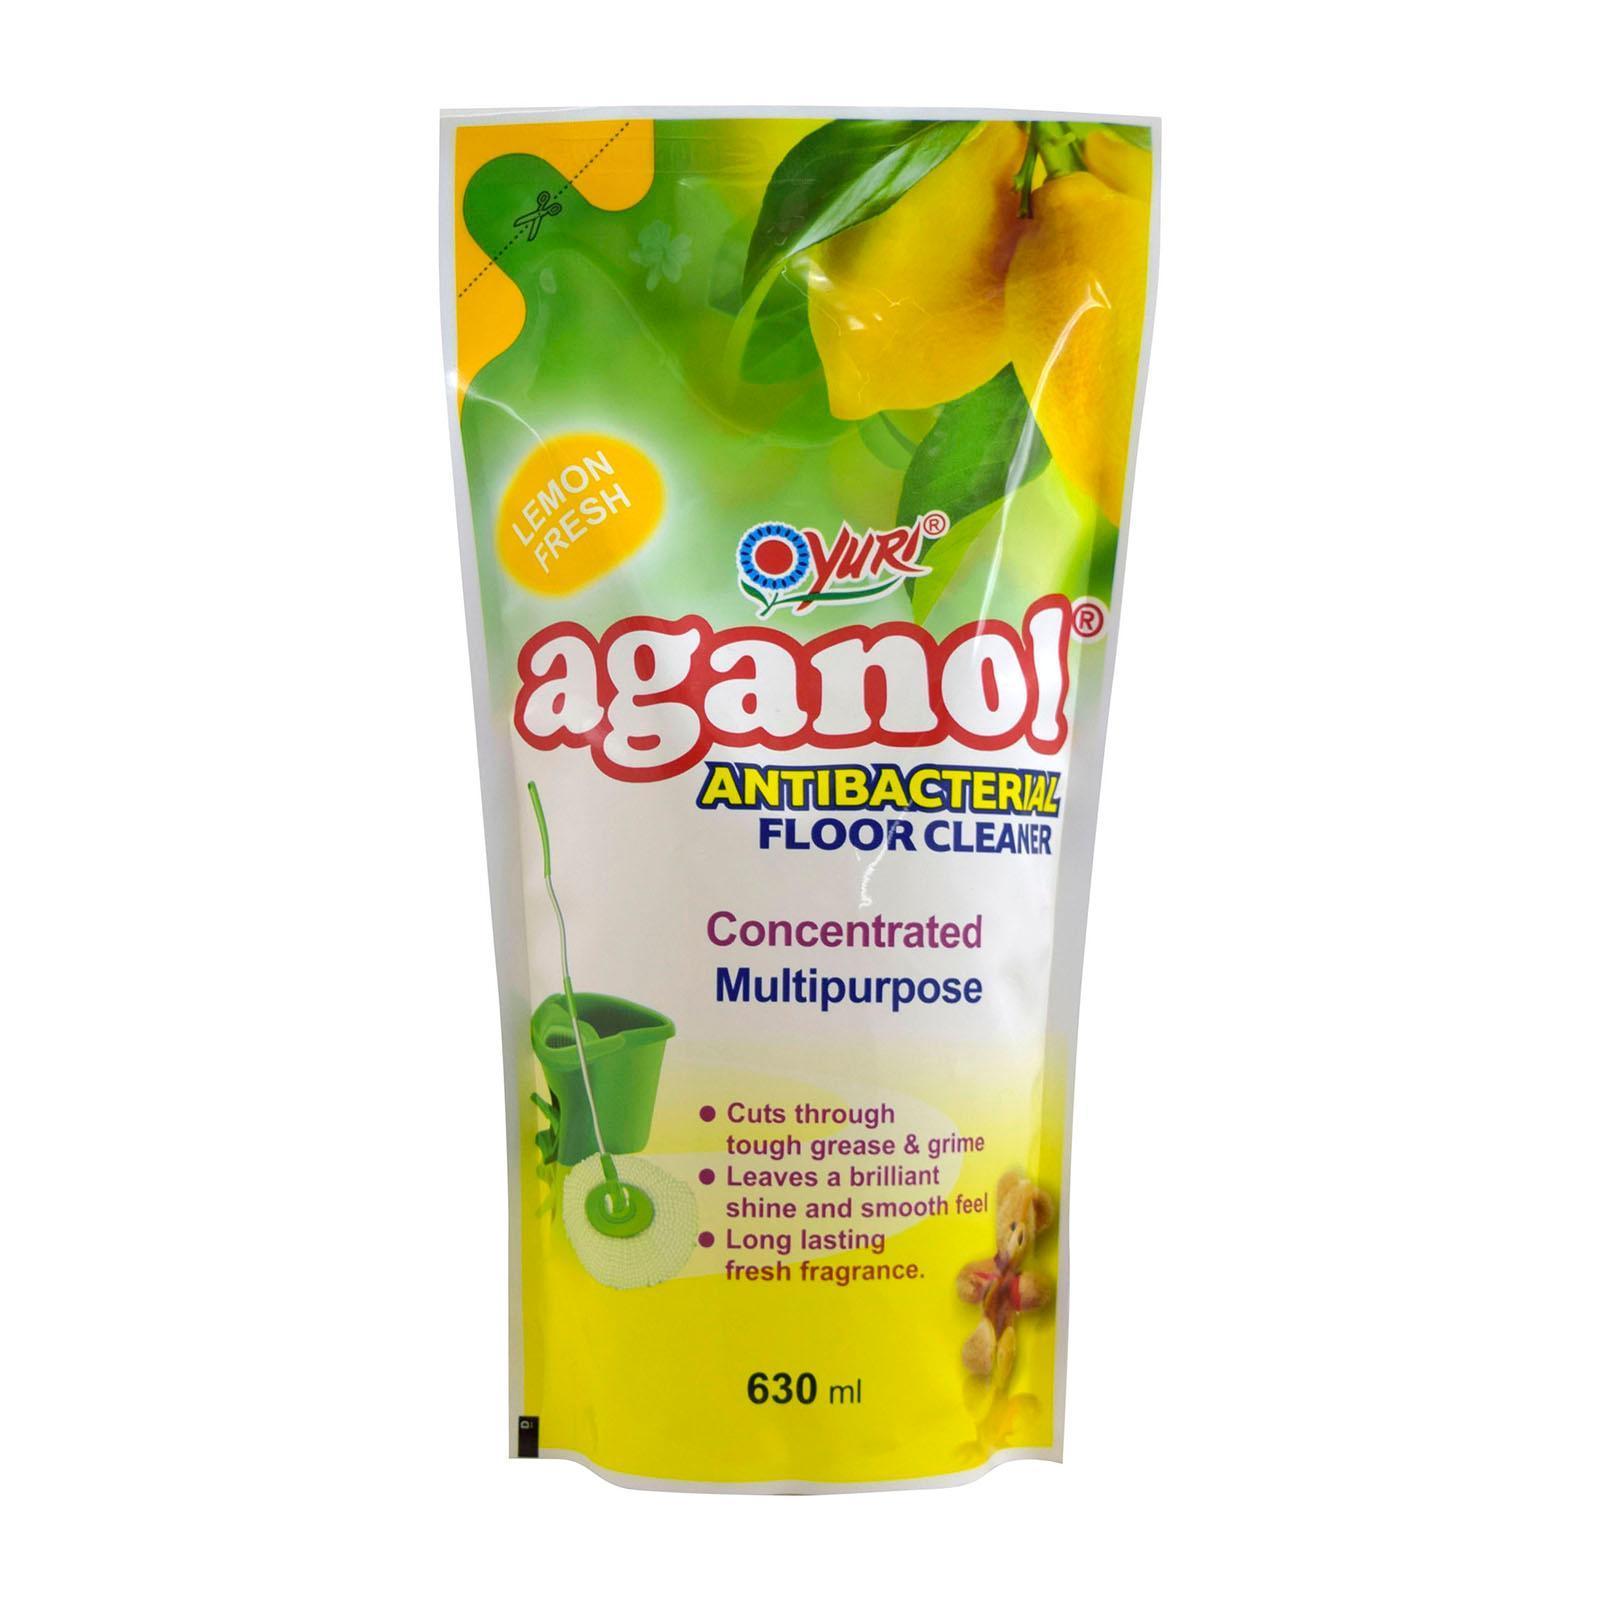 Yuri Aganol Antibacterial Multipurpose Floor Cleaner Refill Lemon Fresh